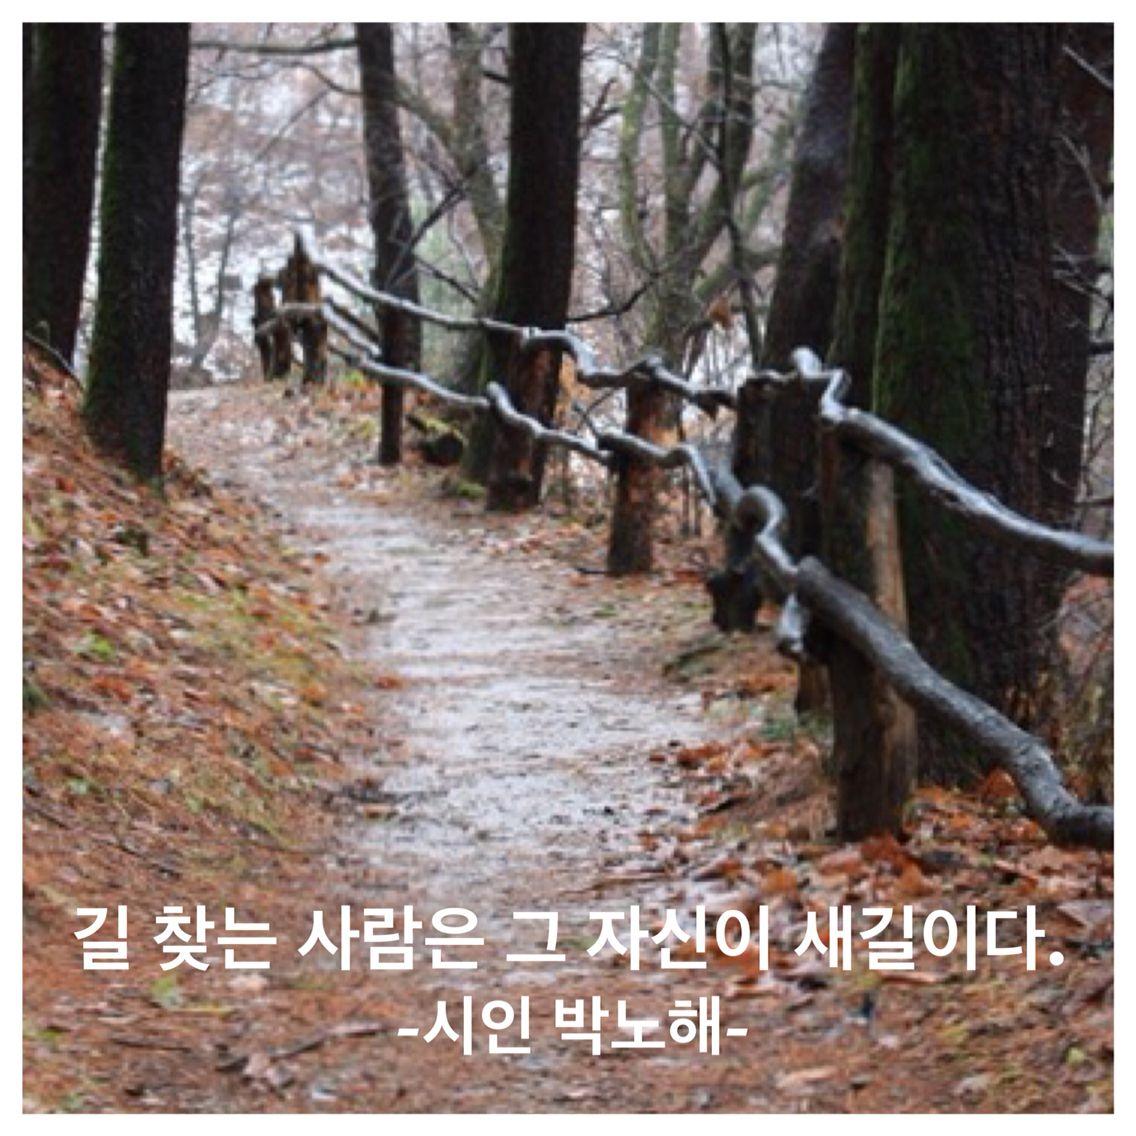 시인 박노해가 쓴 사람만이 희망이다에서 옮겨 왔습니다. 좋은 글입니다.